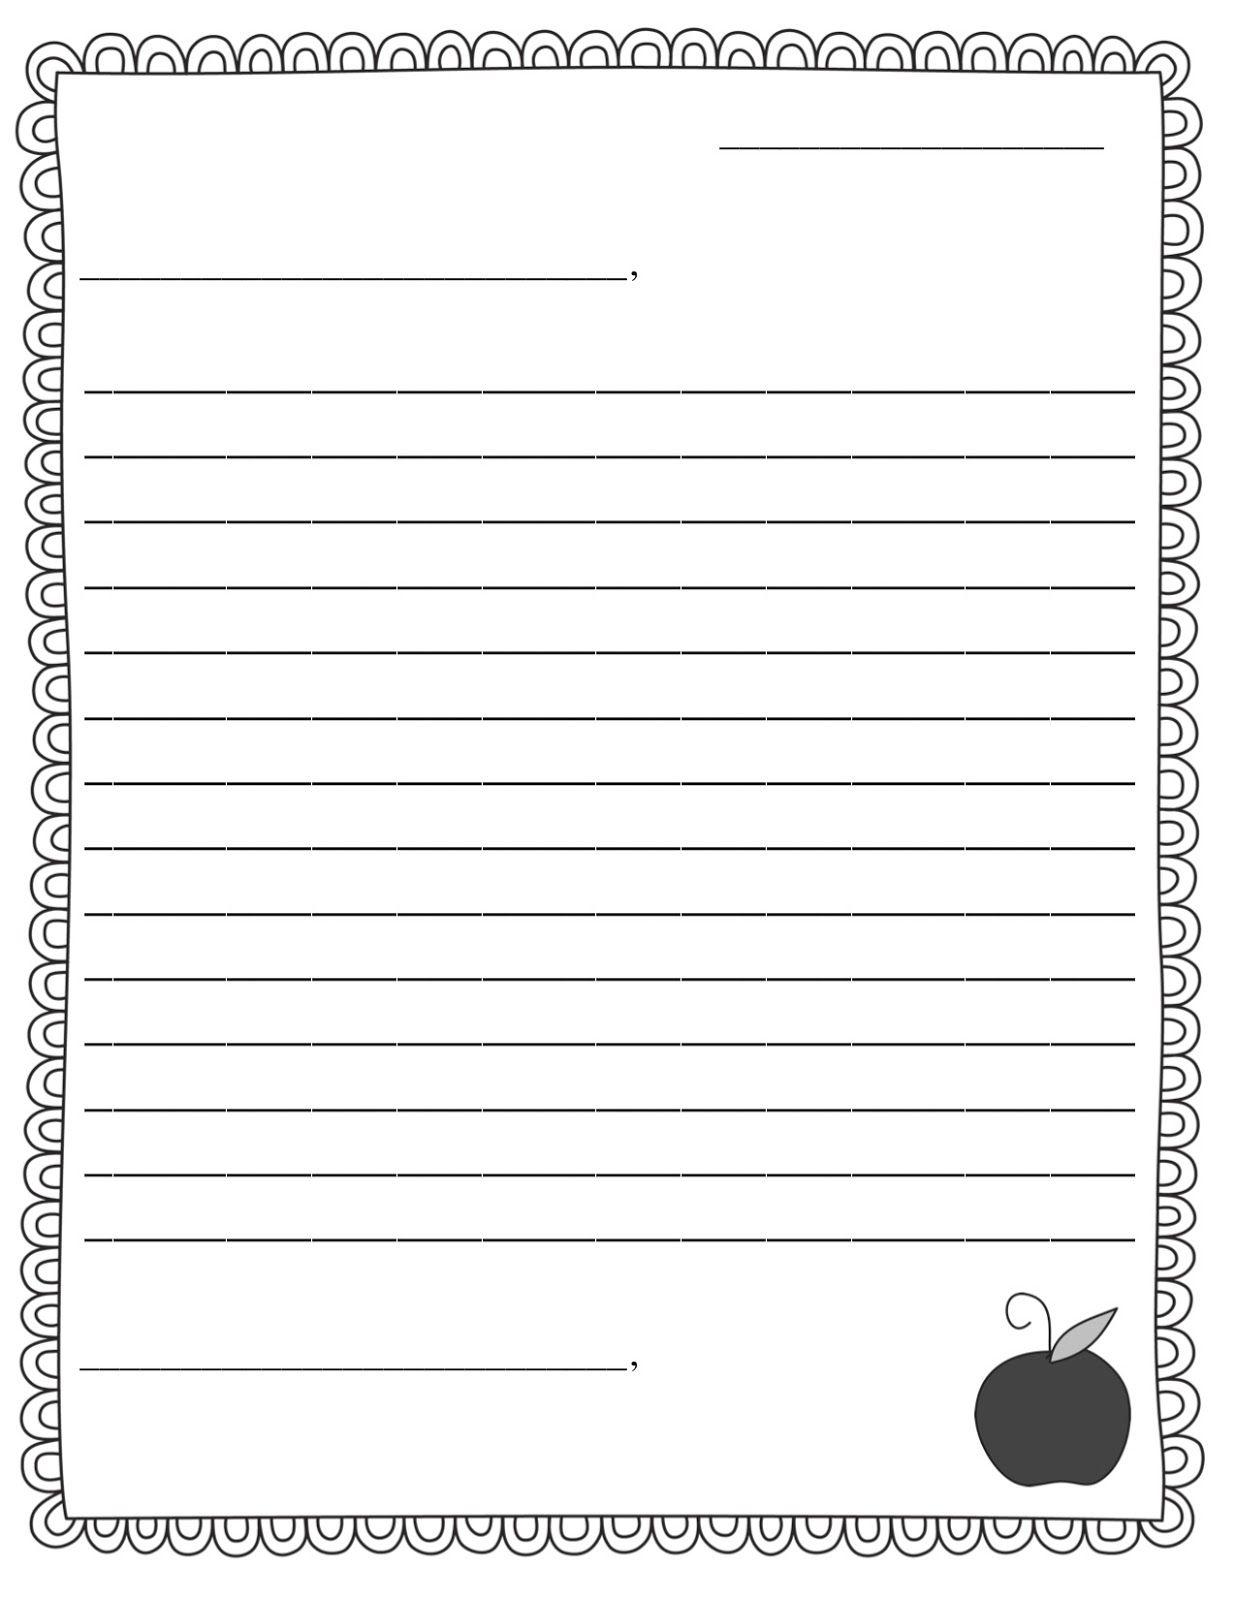 letter template 3absPKJv Letter writing template